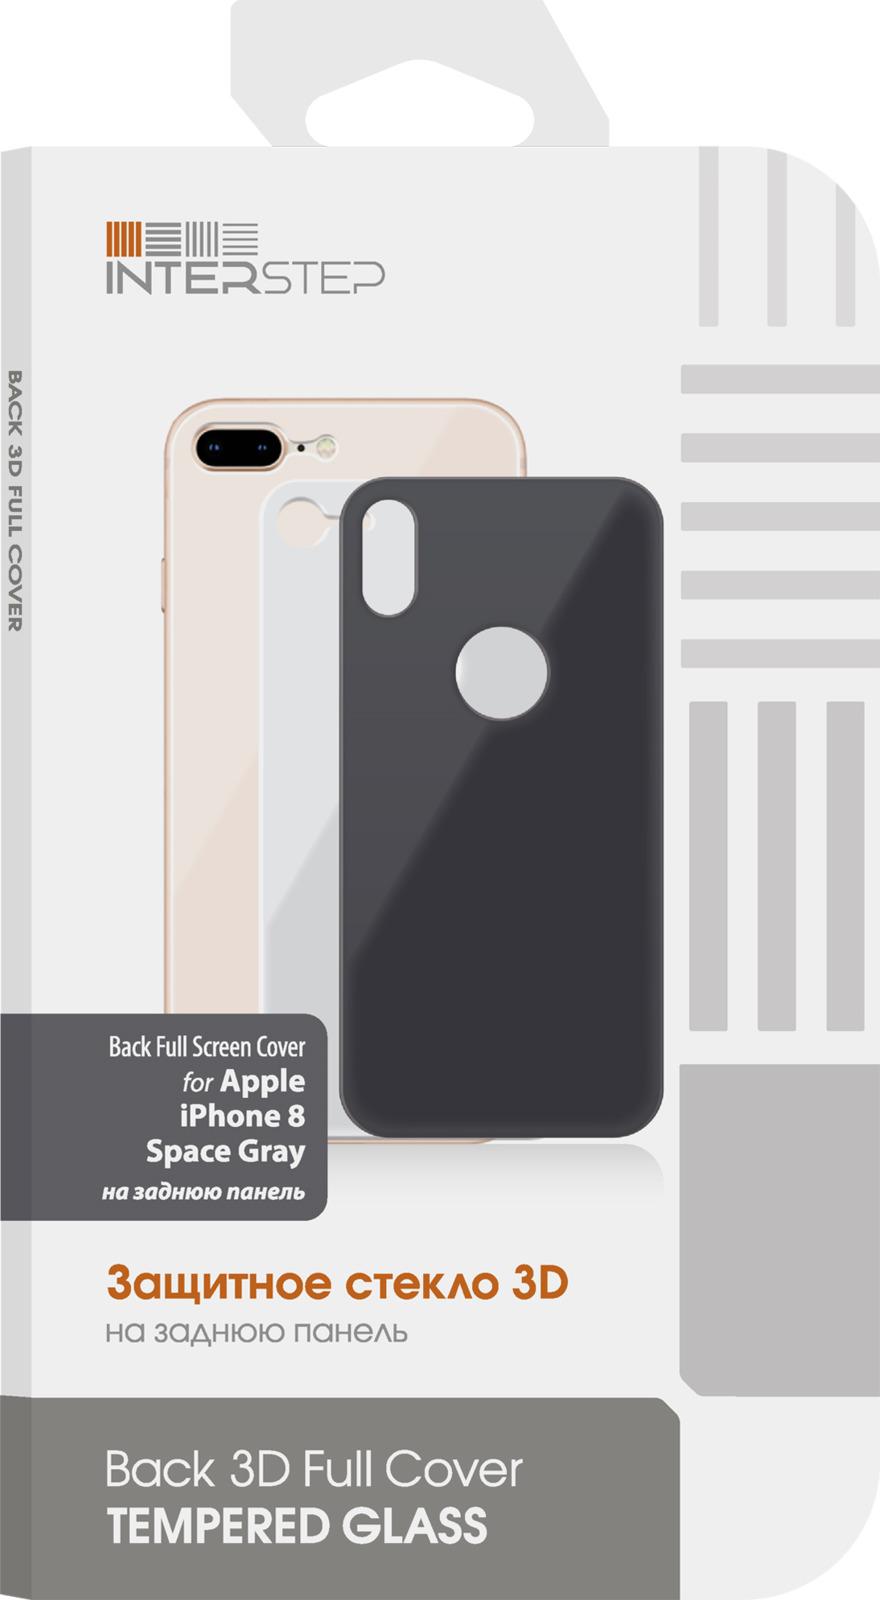 Защитное стекло Interstep 3D на заднюю панель для iPhone 8, темно-серый